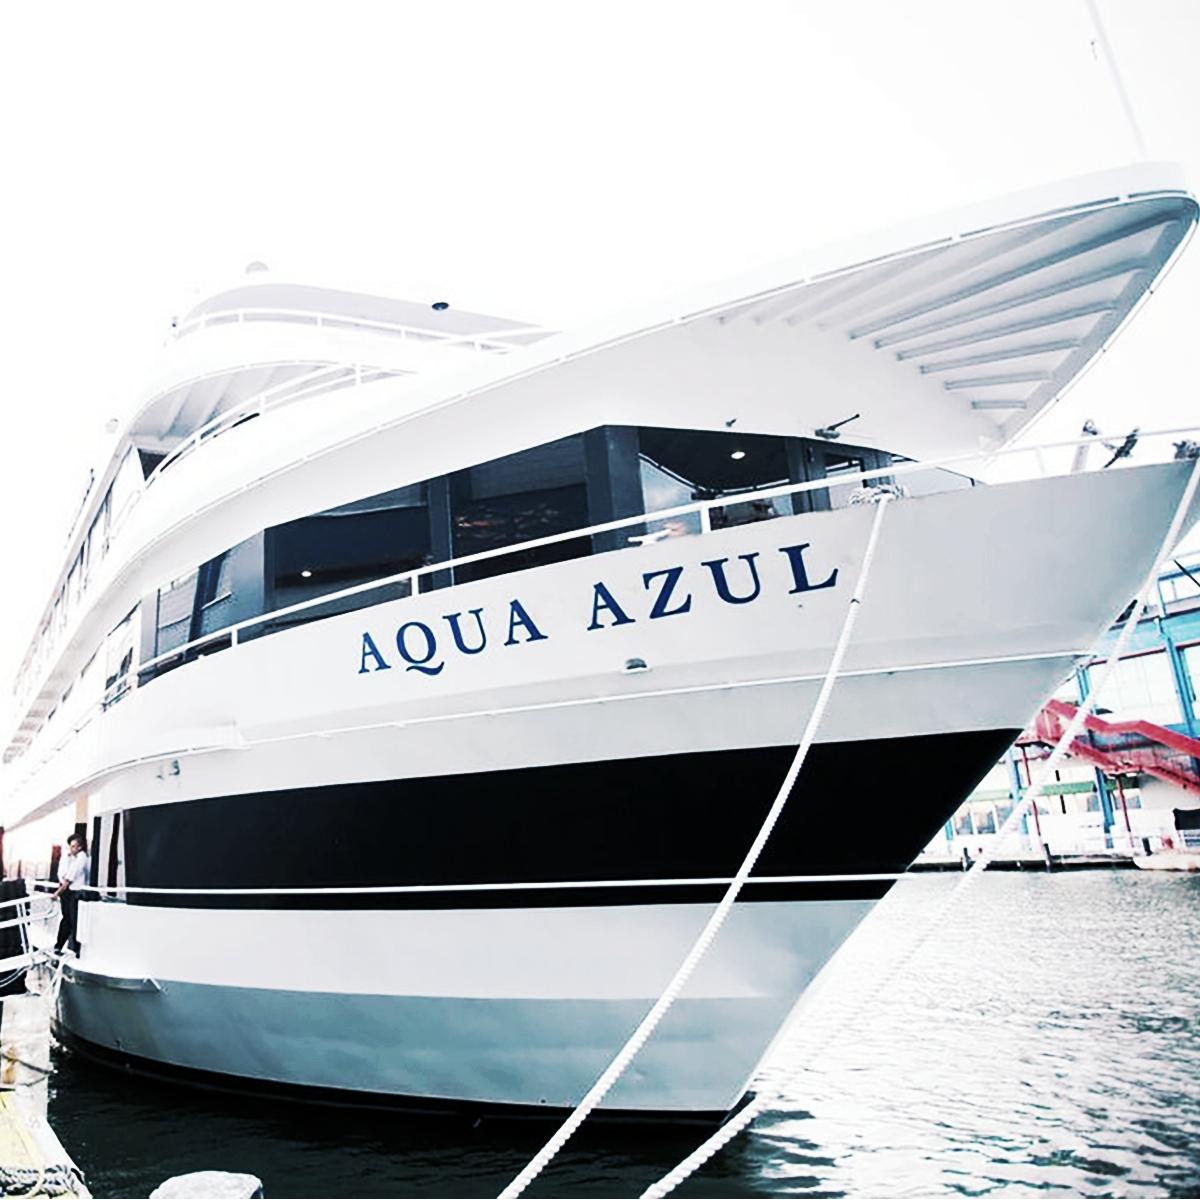 Aqua-Azul-Yacht-Exterior-1.jpg